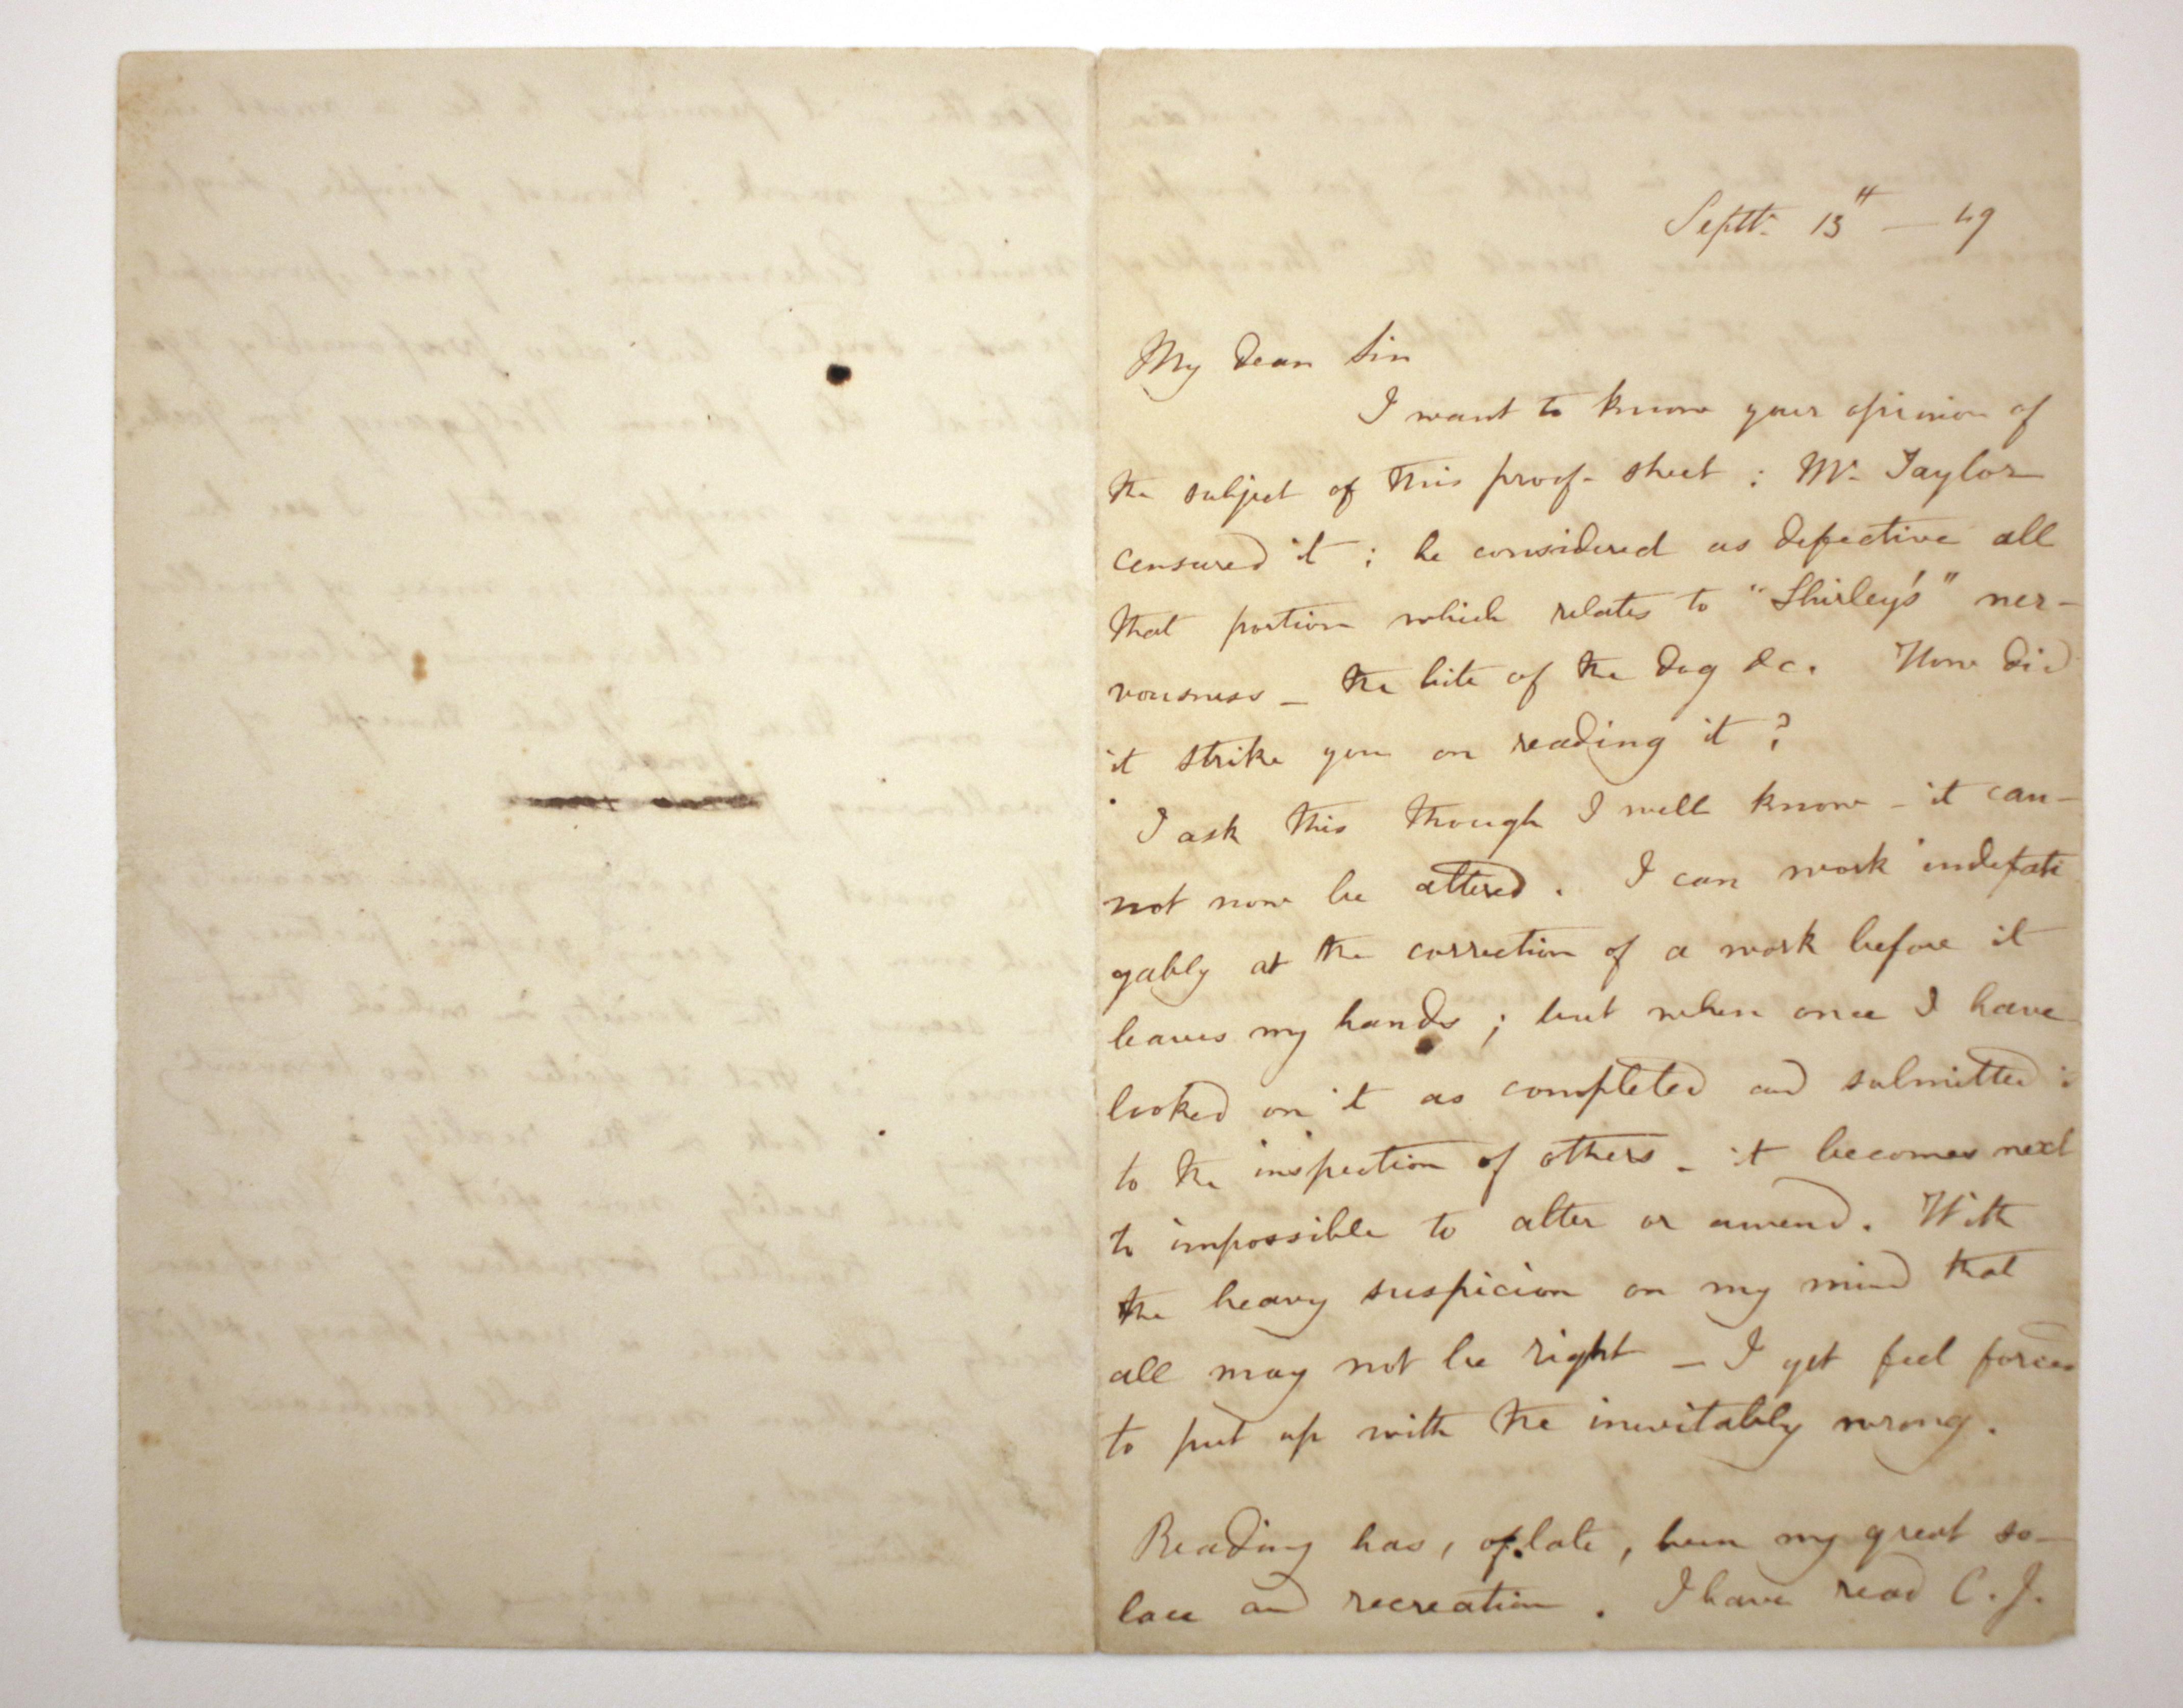 Brontë Letter, September 13, 1849, 1